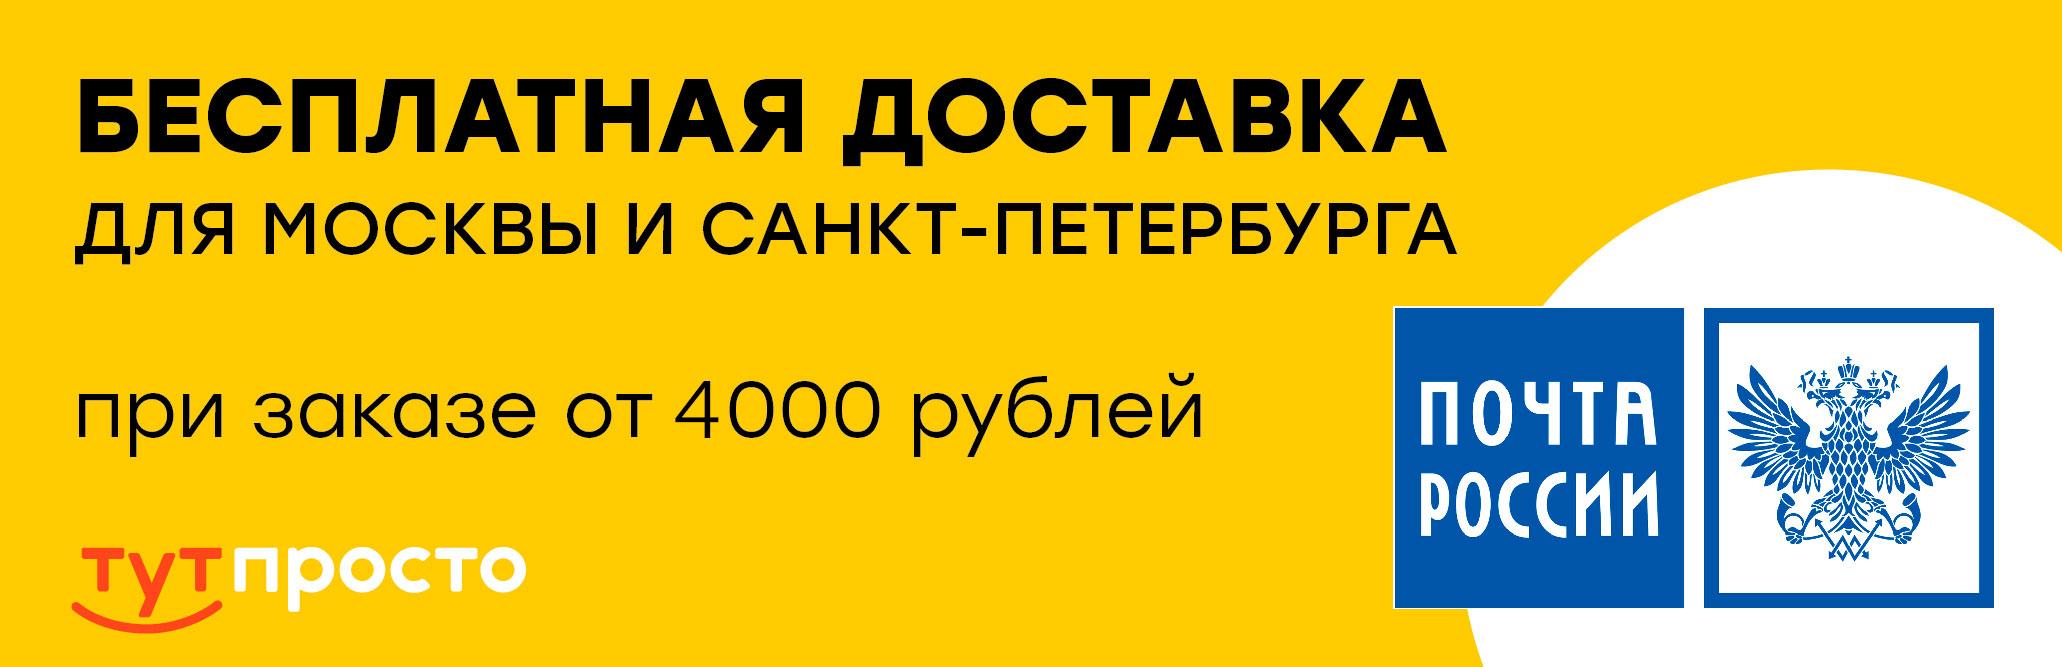 макет_990x320